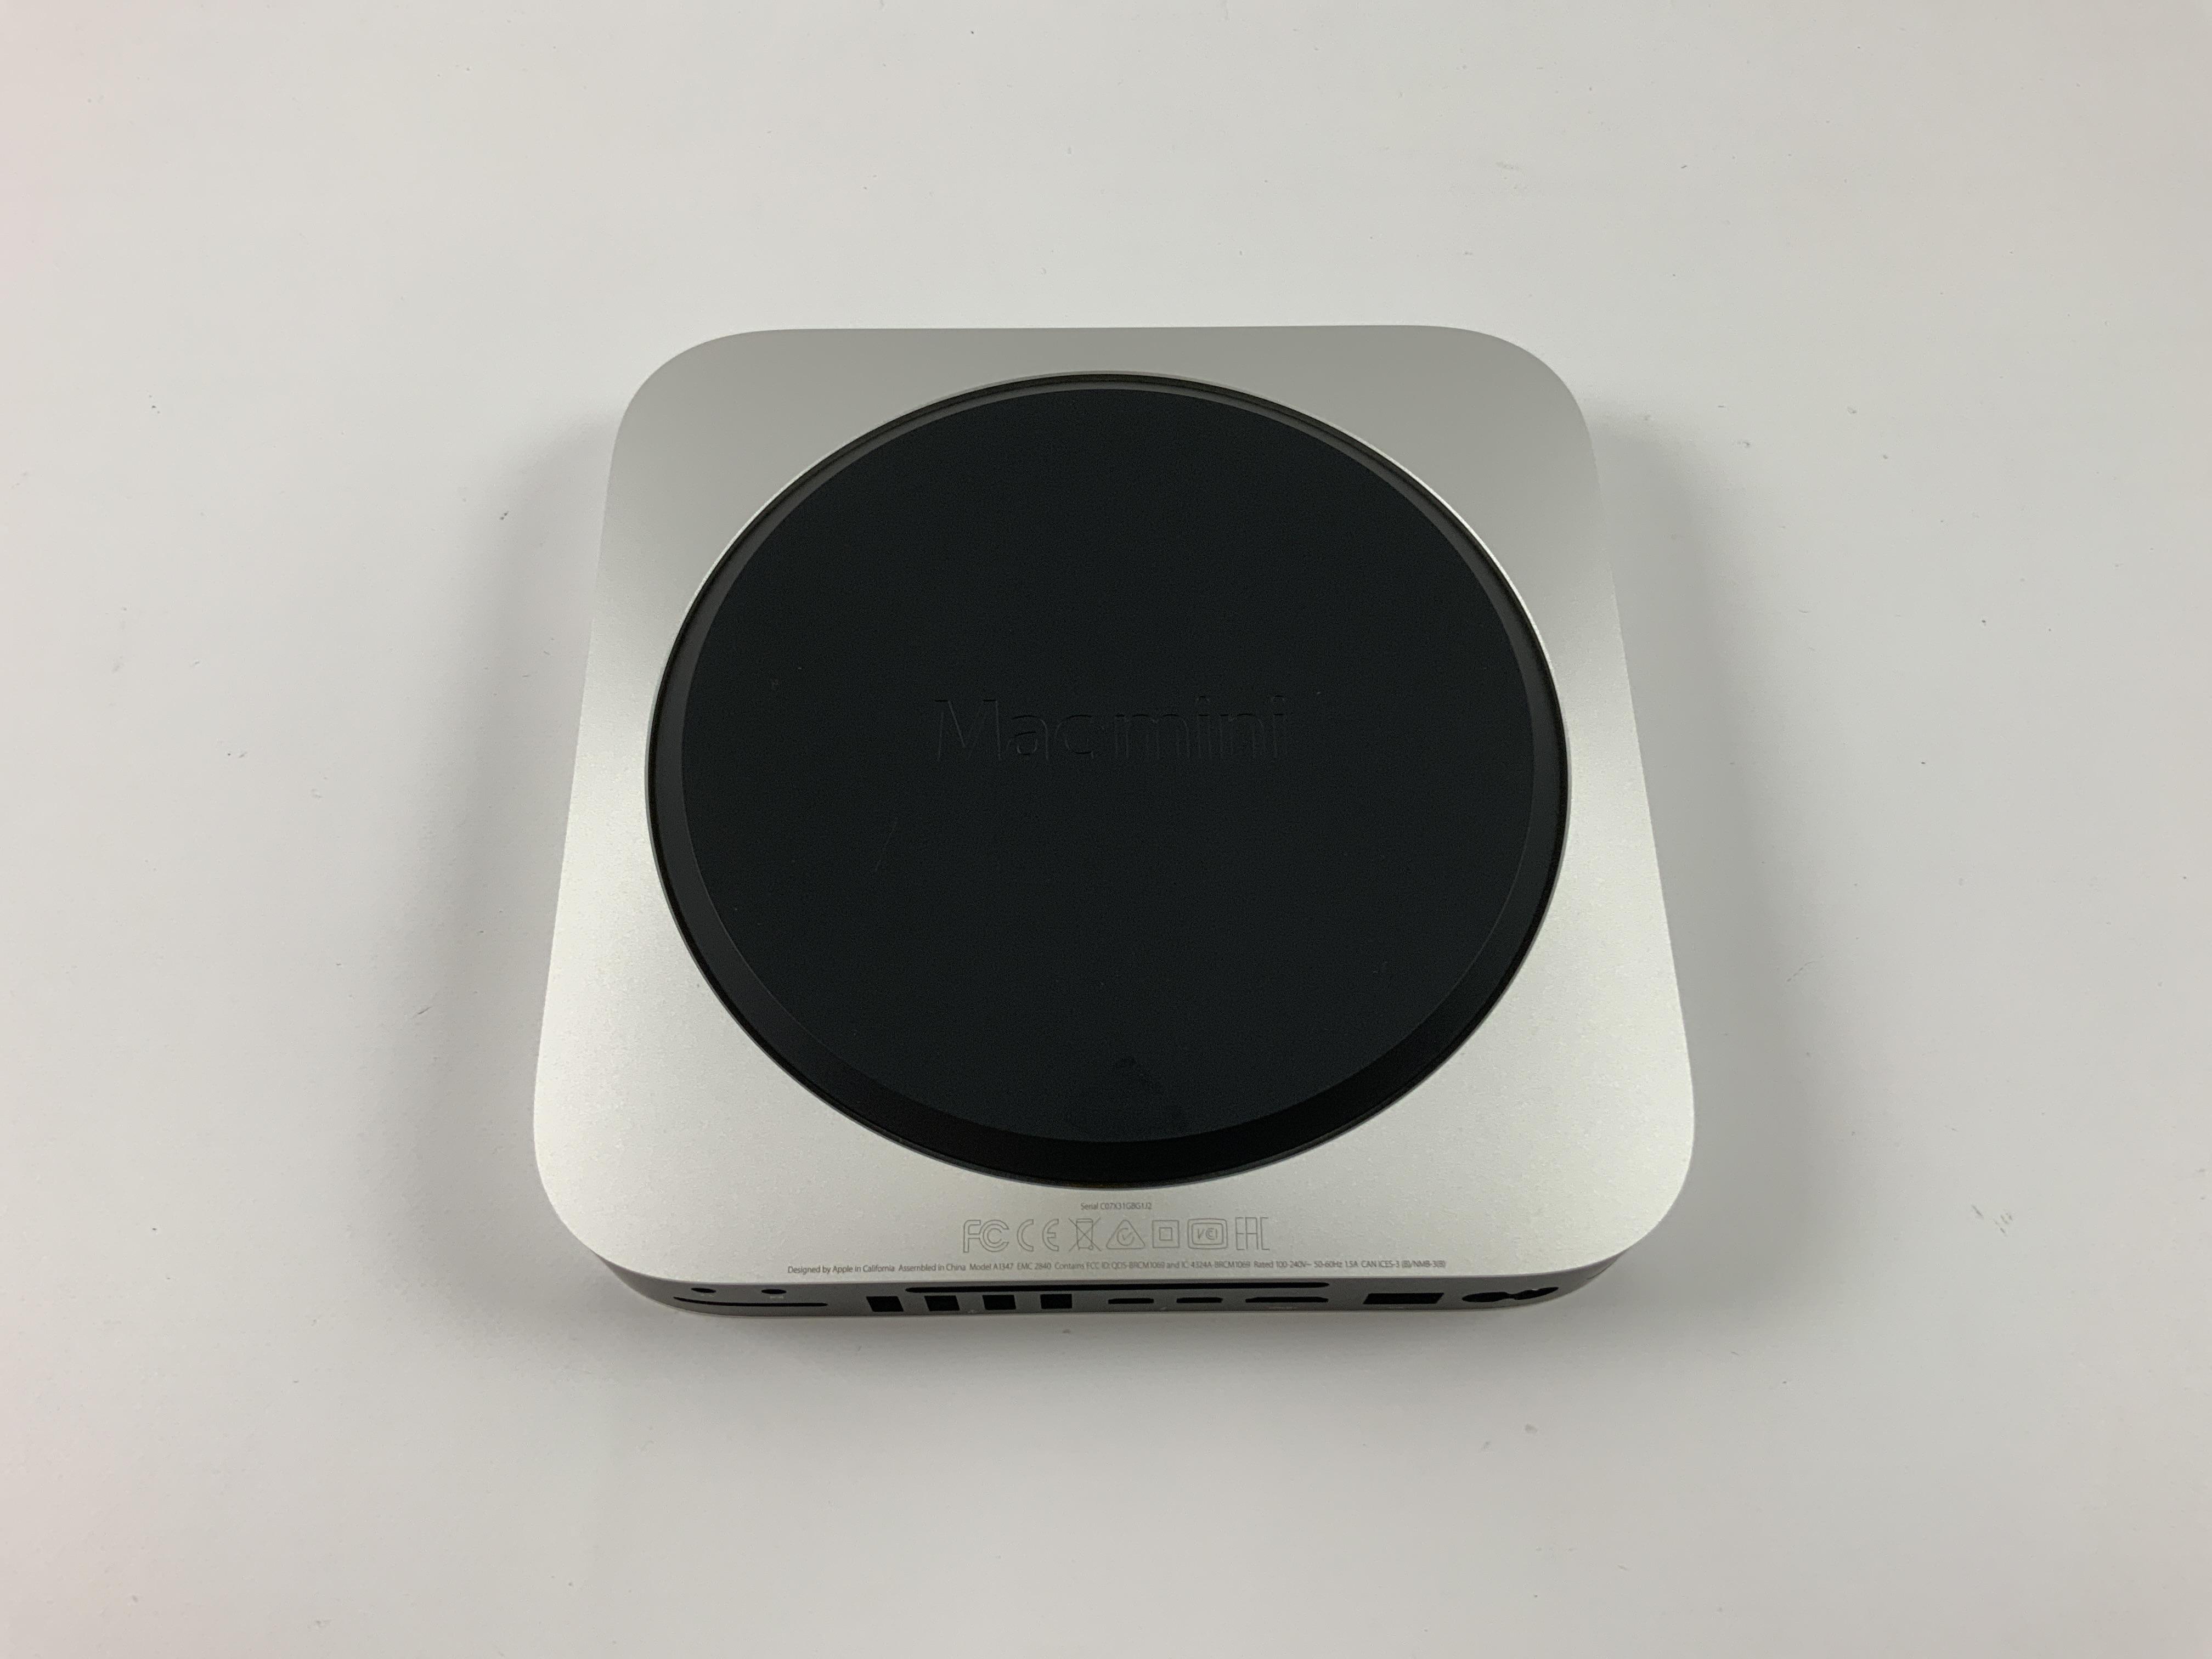 Mac Mini Late 2014 (Intel Core i7 3.0 GHz 16 GB RAM 1 TB SSD), Intel Core i7 3.0 GHz, 16 GB RAM, 1 TB SSD, Kuva 2